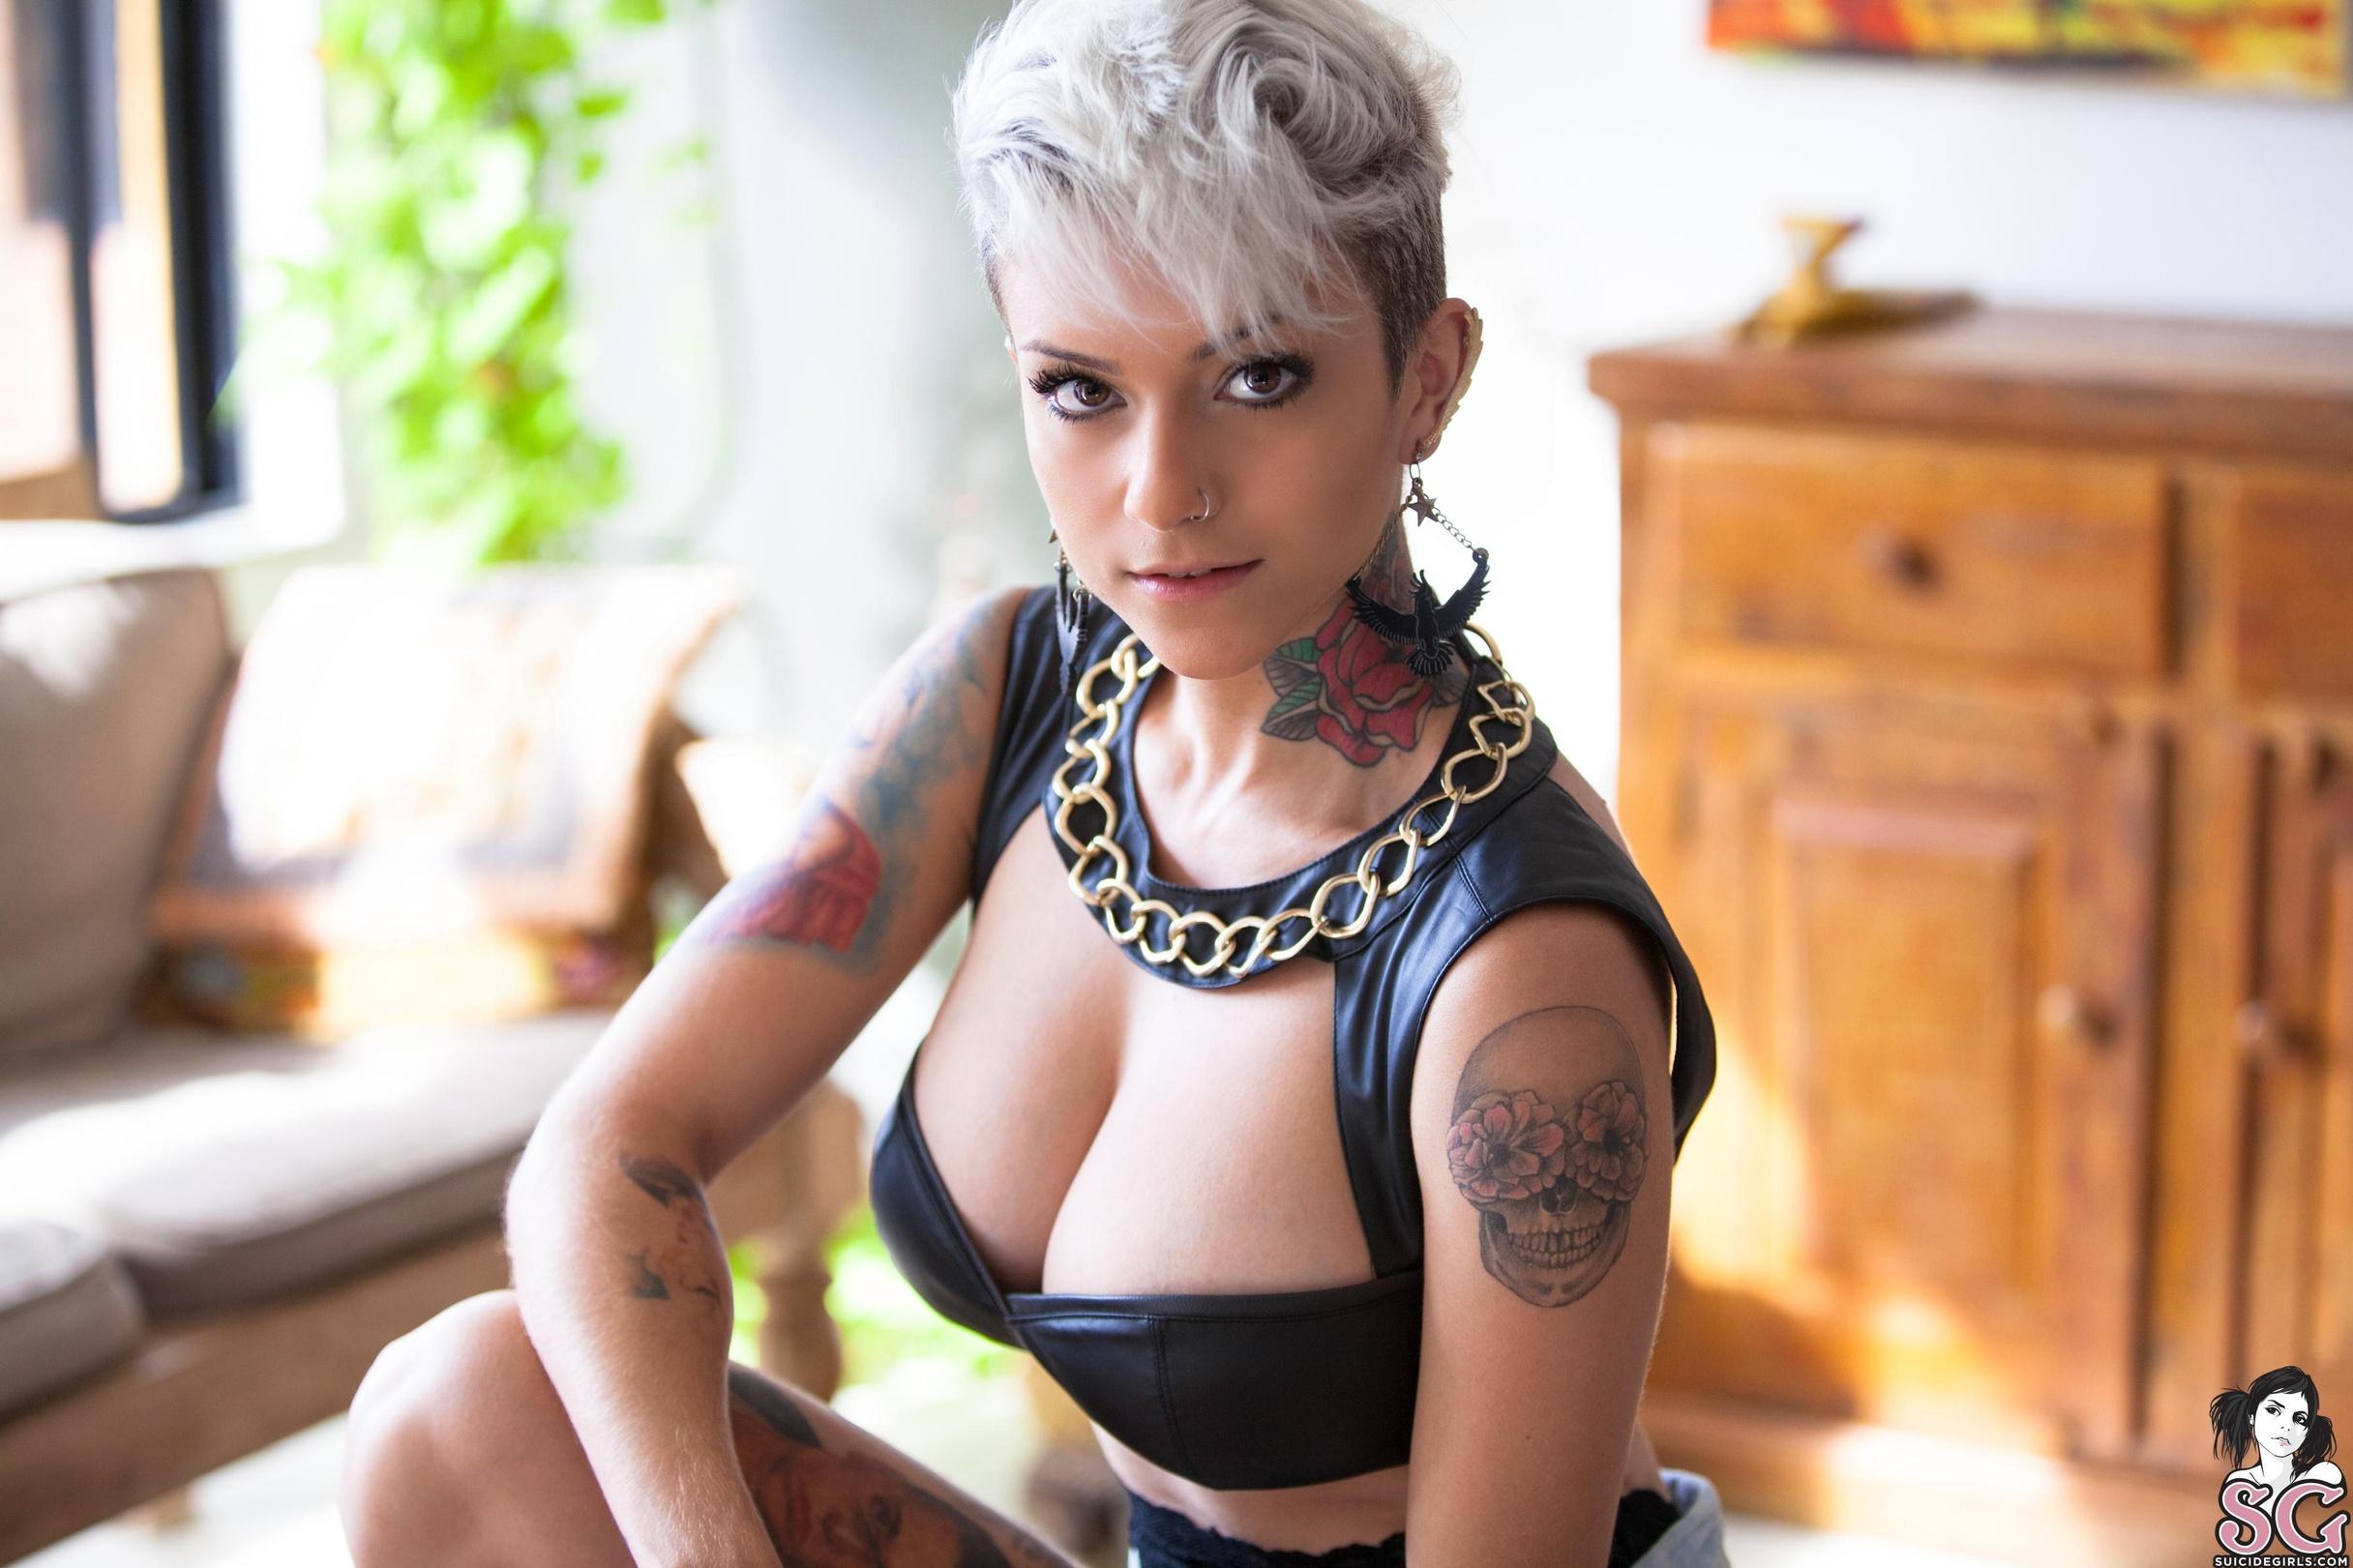 sabrina-rodriguez-naked-naked-female-penetration